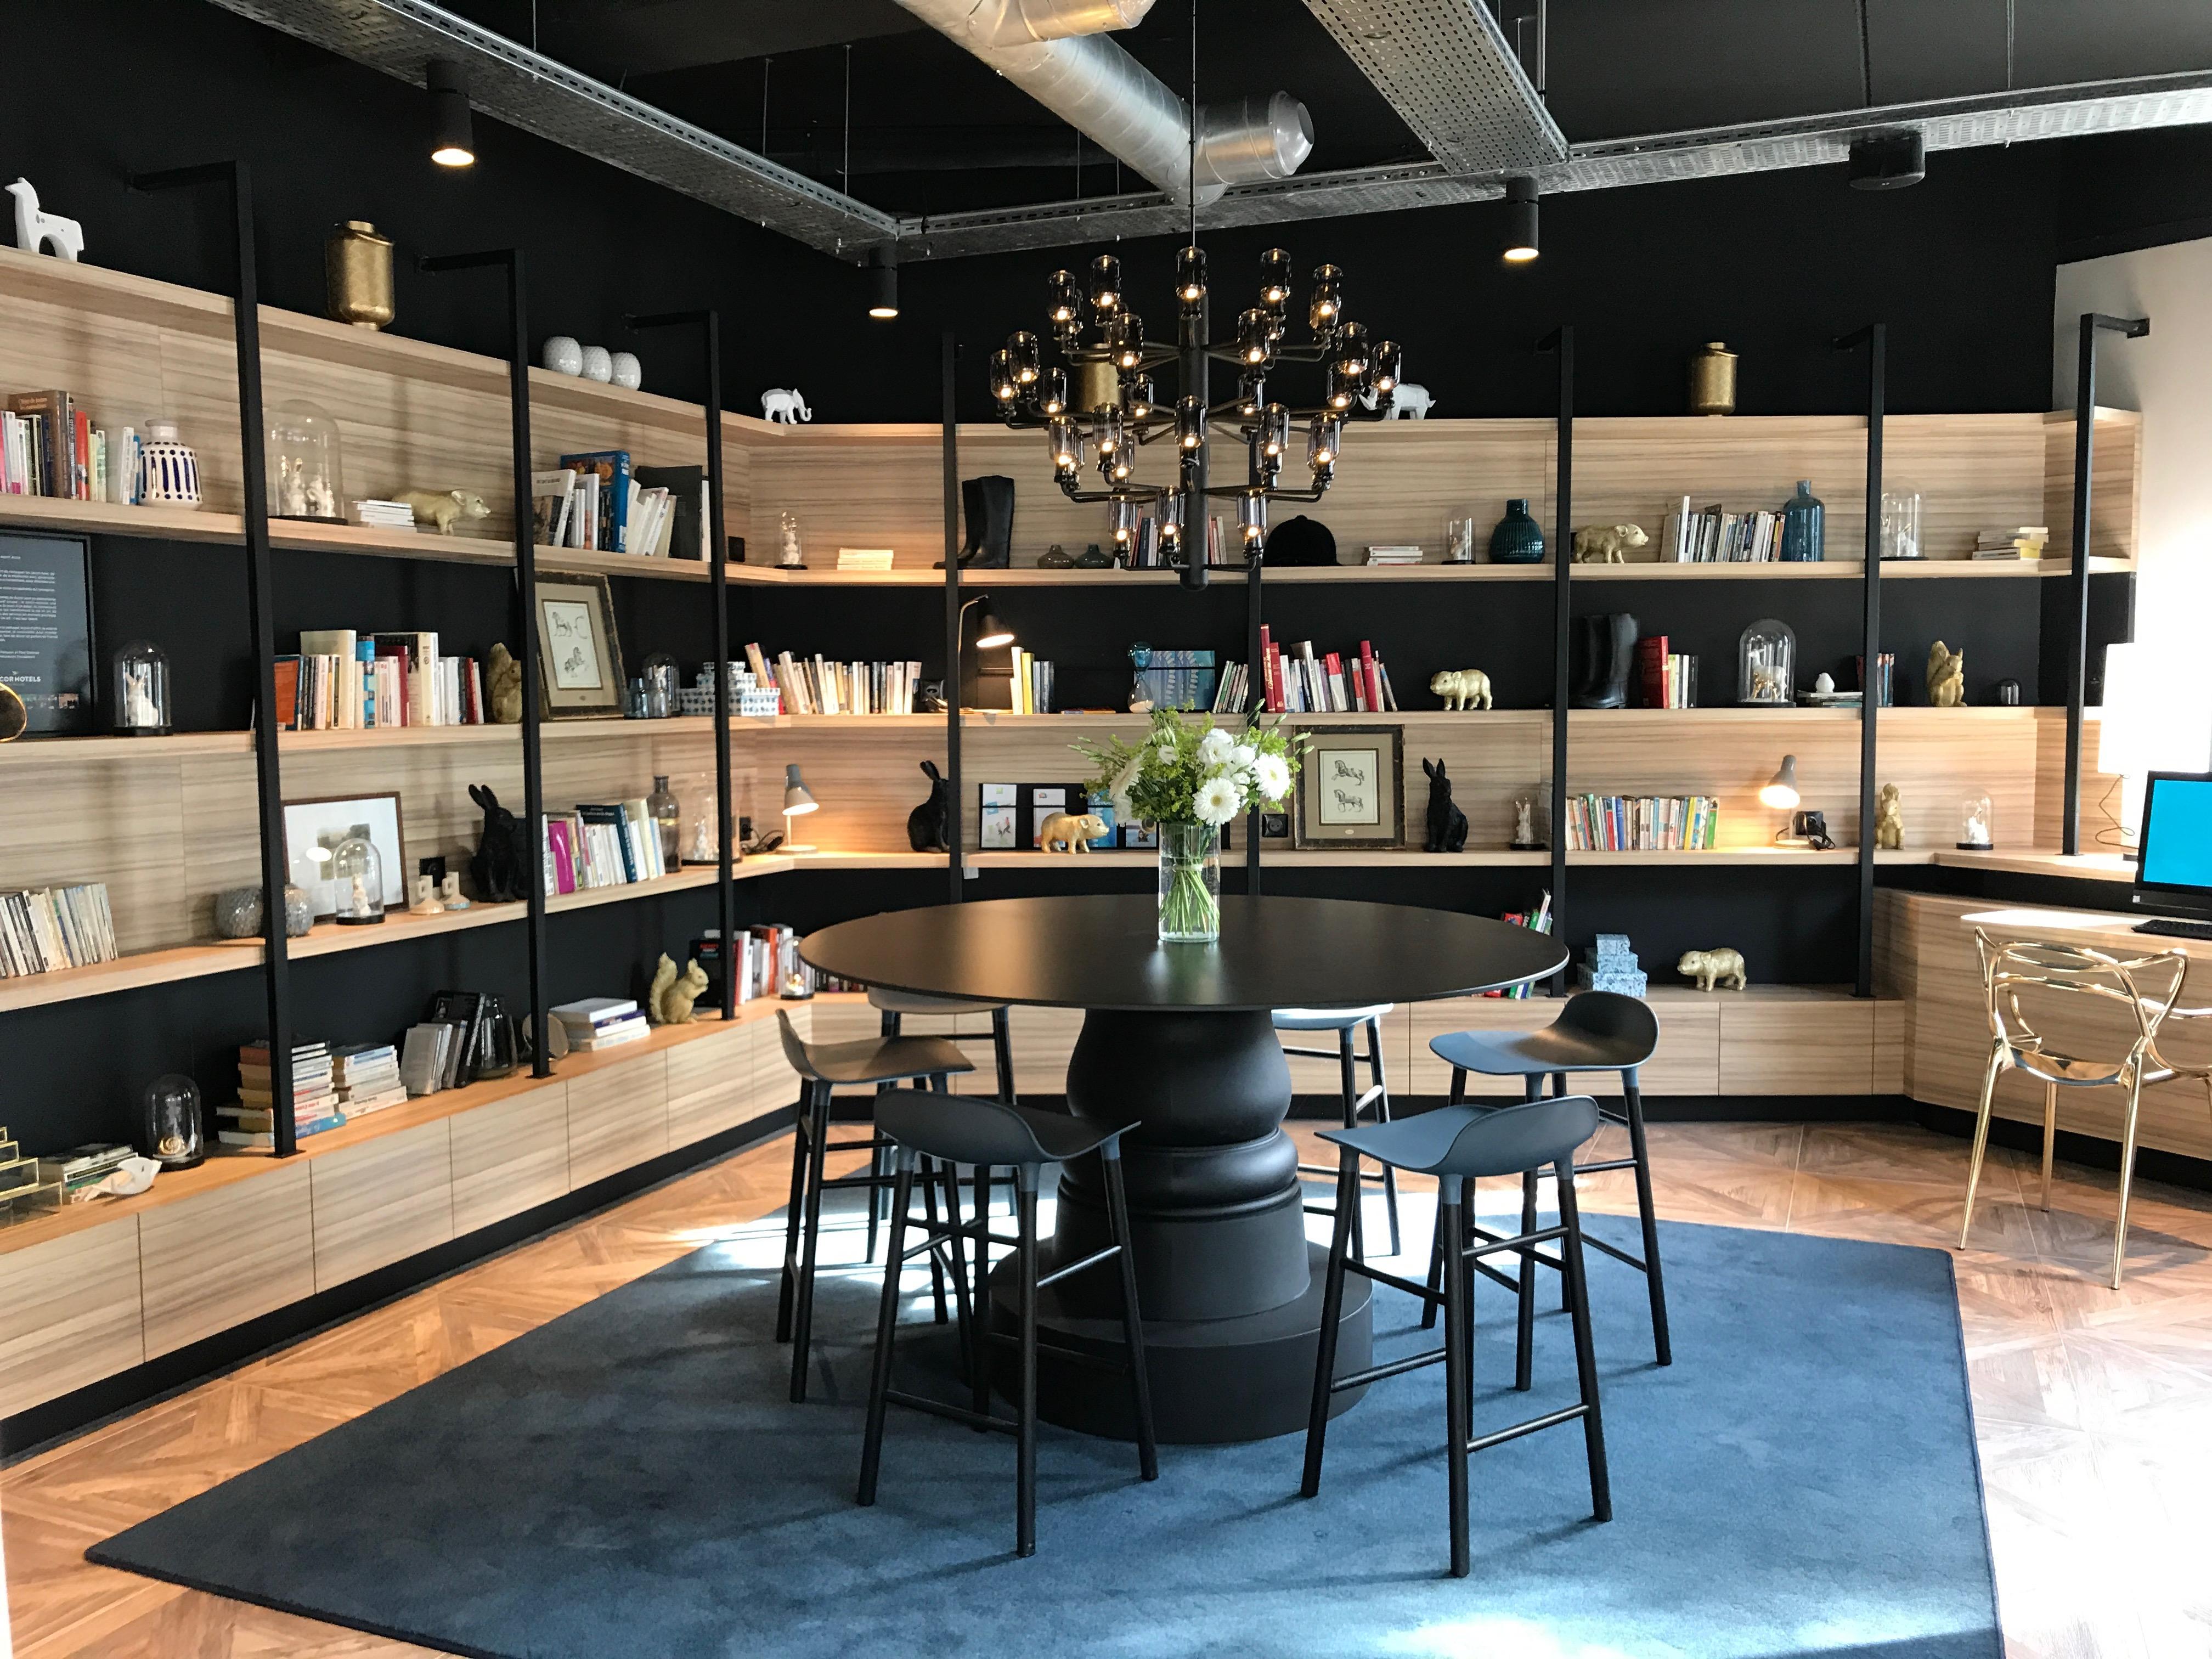 option d 39 interieur la rochelle. Black Bedroom Furniture Sets. Home Design Ideas